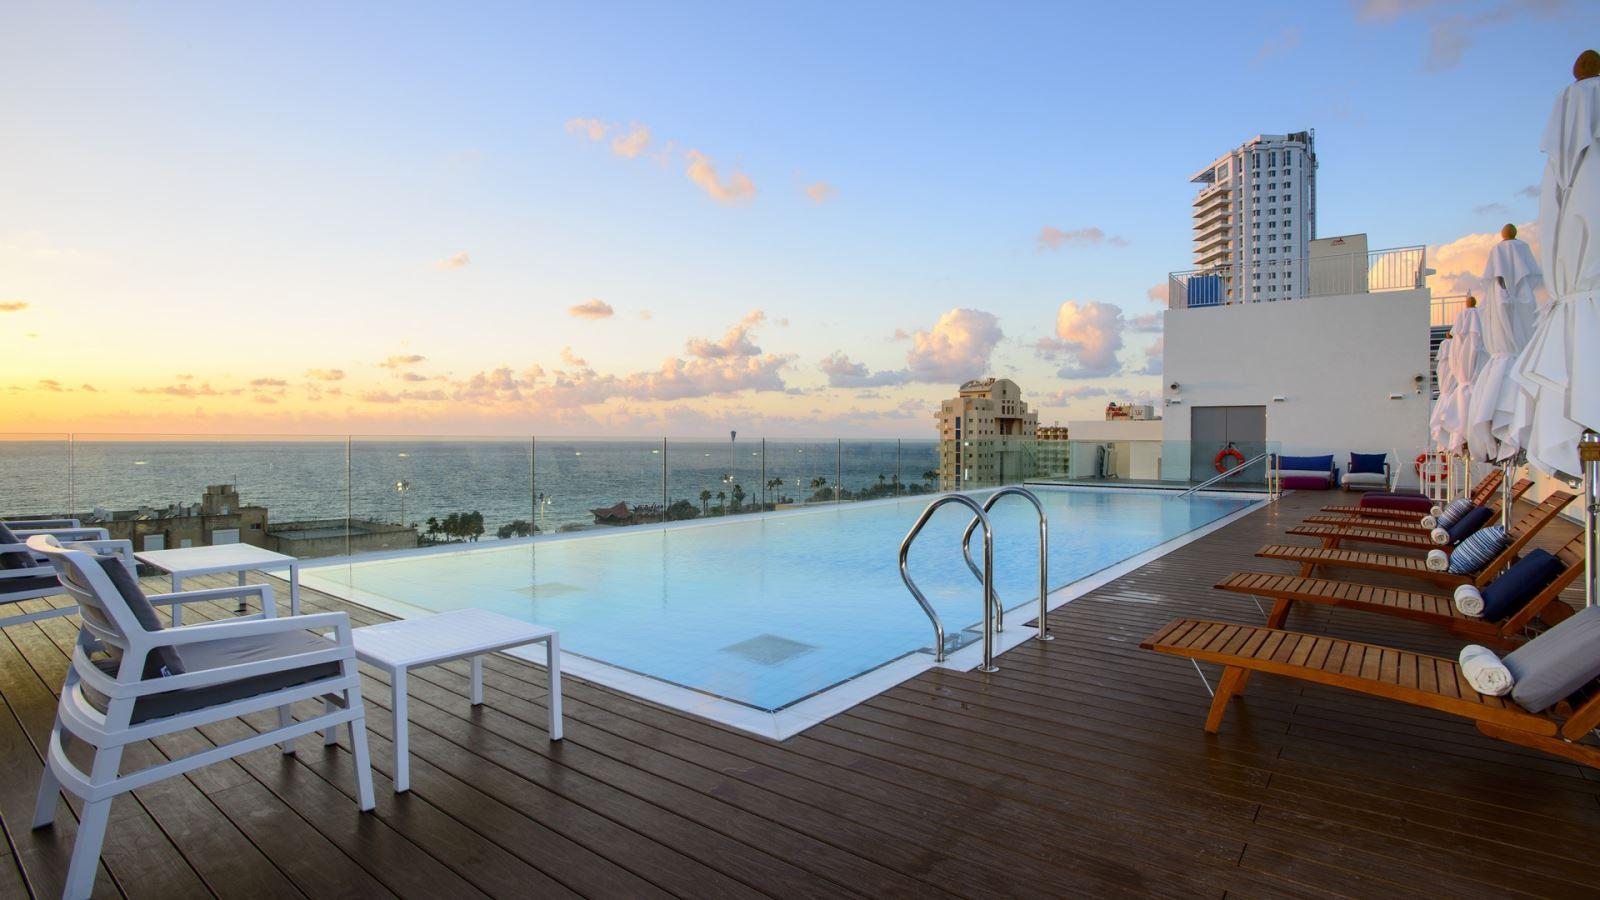 חופשה במלון לאונרדו פלאזה נתניה ב-30% הנחה!